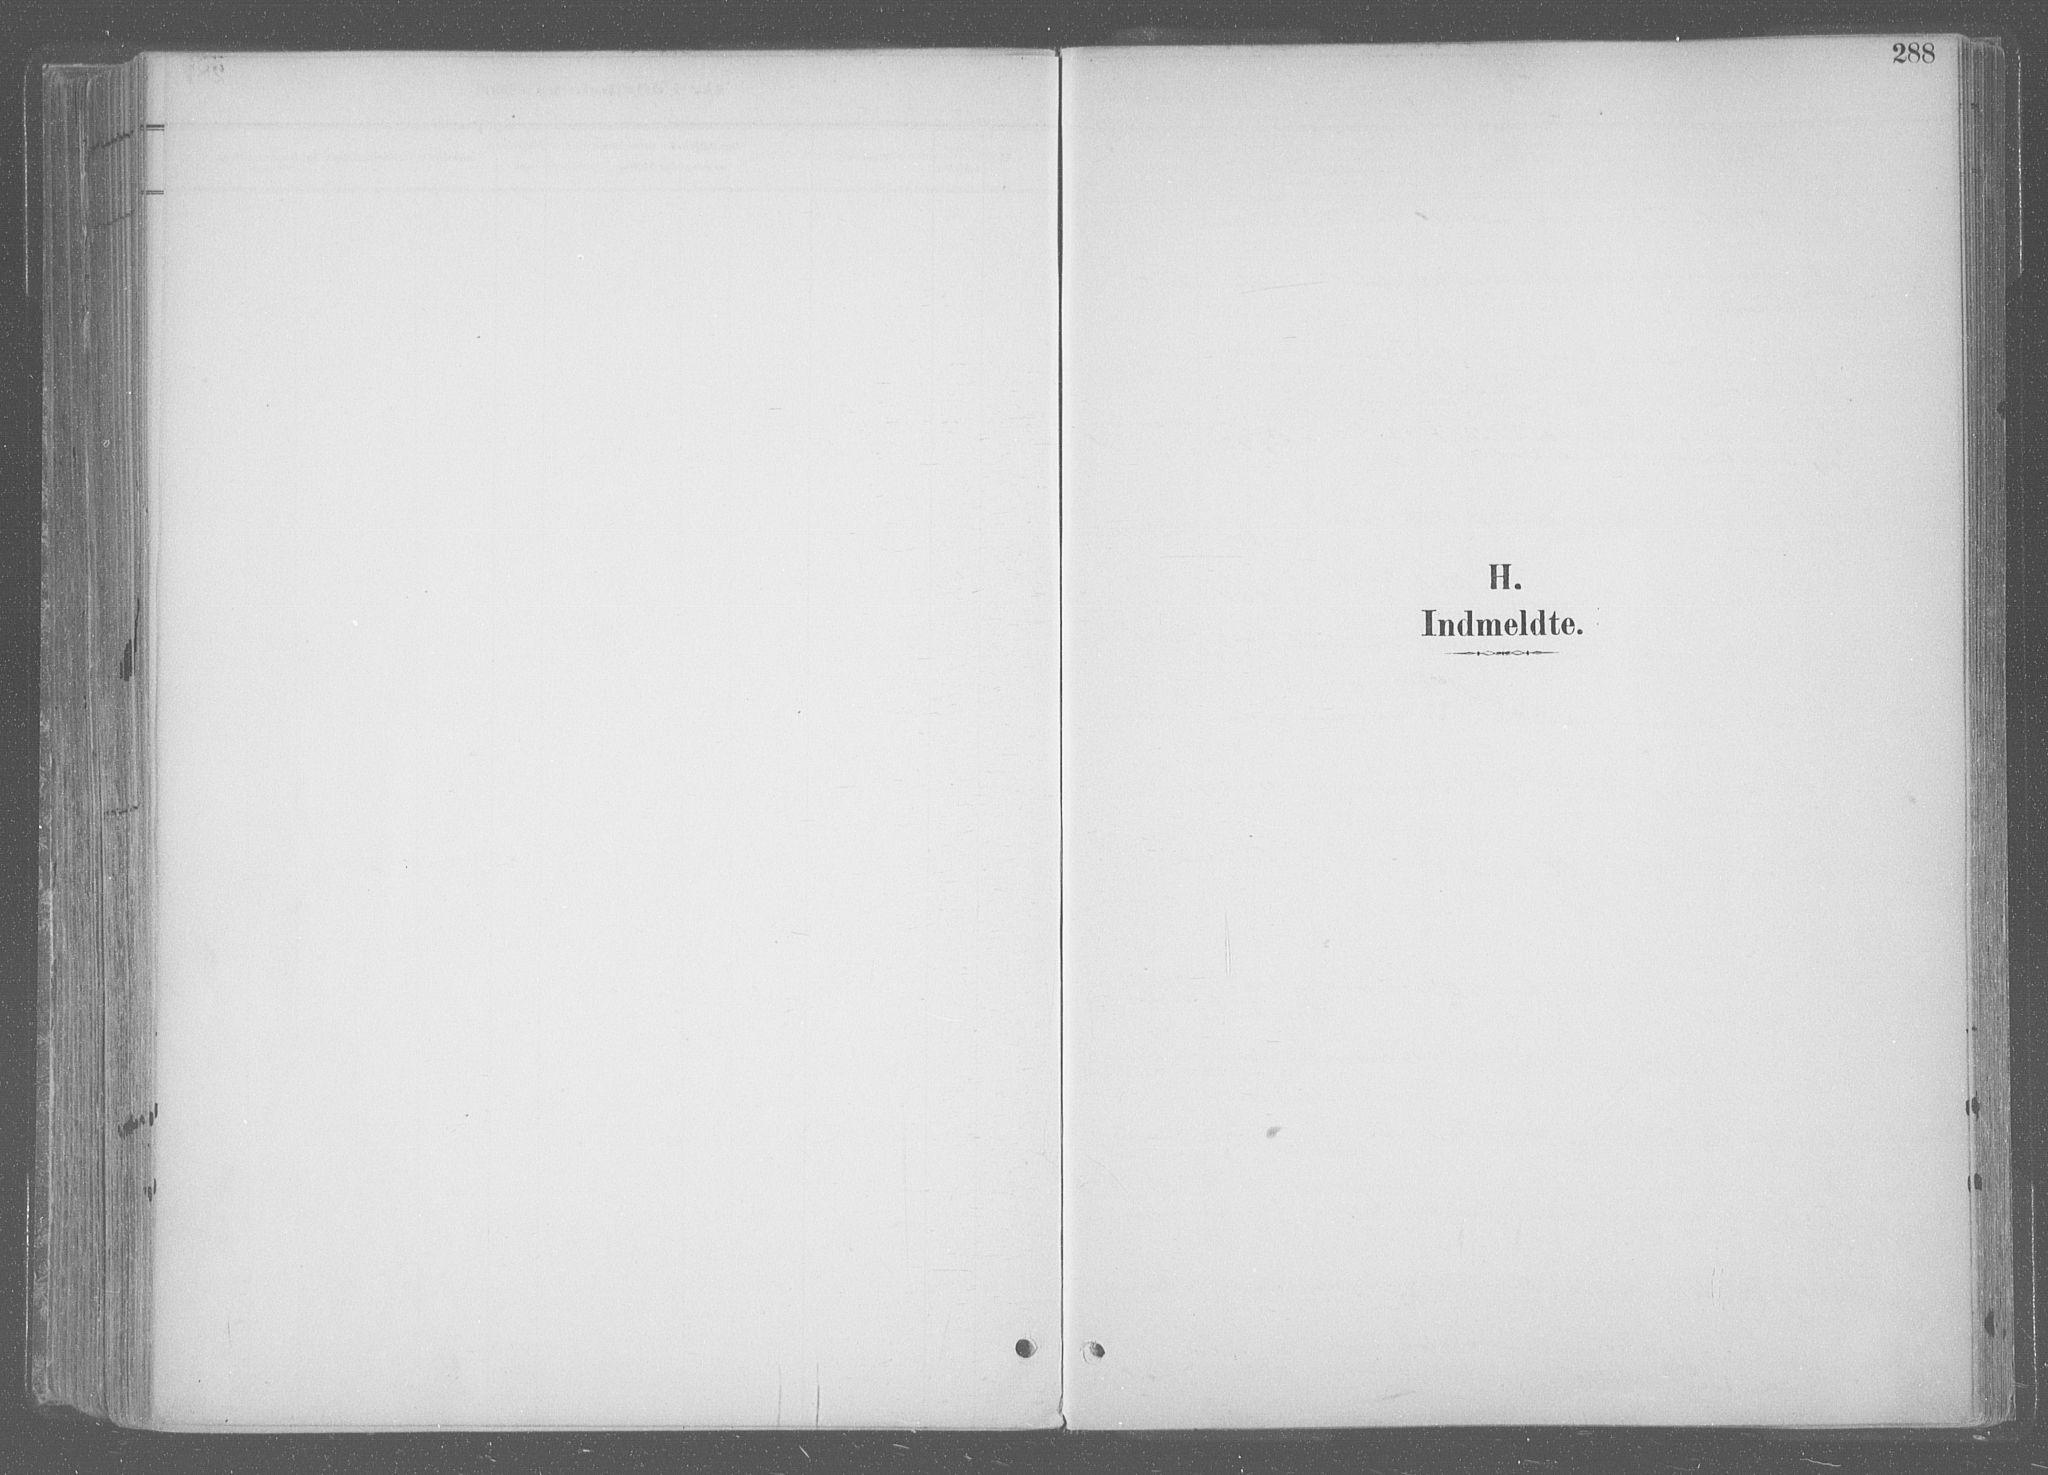 SAT, Ministerialprotokoller, klokkerbøker og fødselsregistre - Sør-Trøndelag, 601/L0064: Ministerialbok nr. 601A31, 1891-1911, s. 288